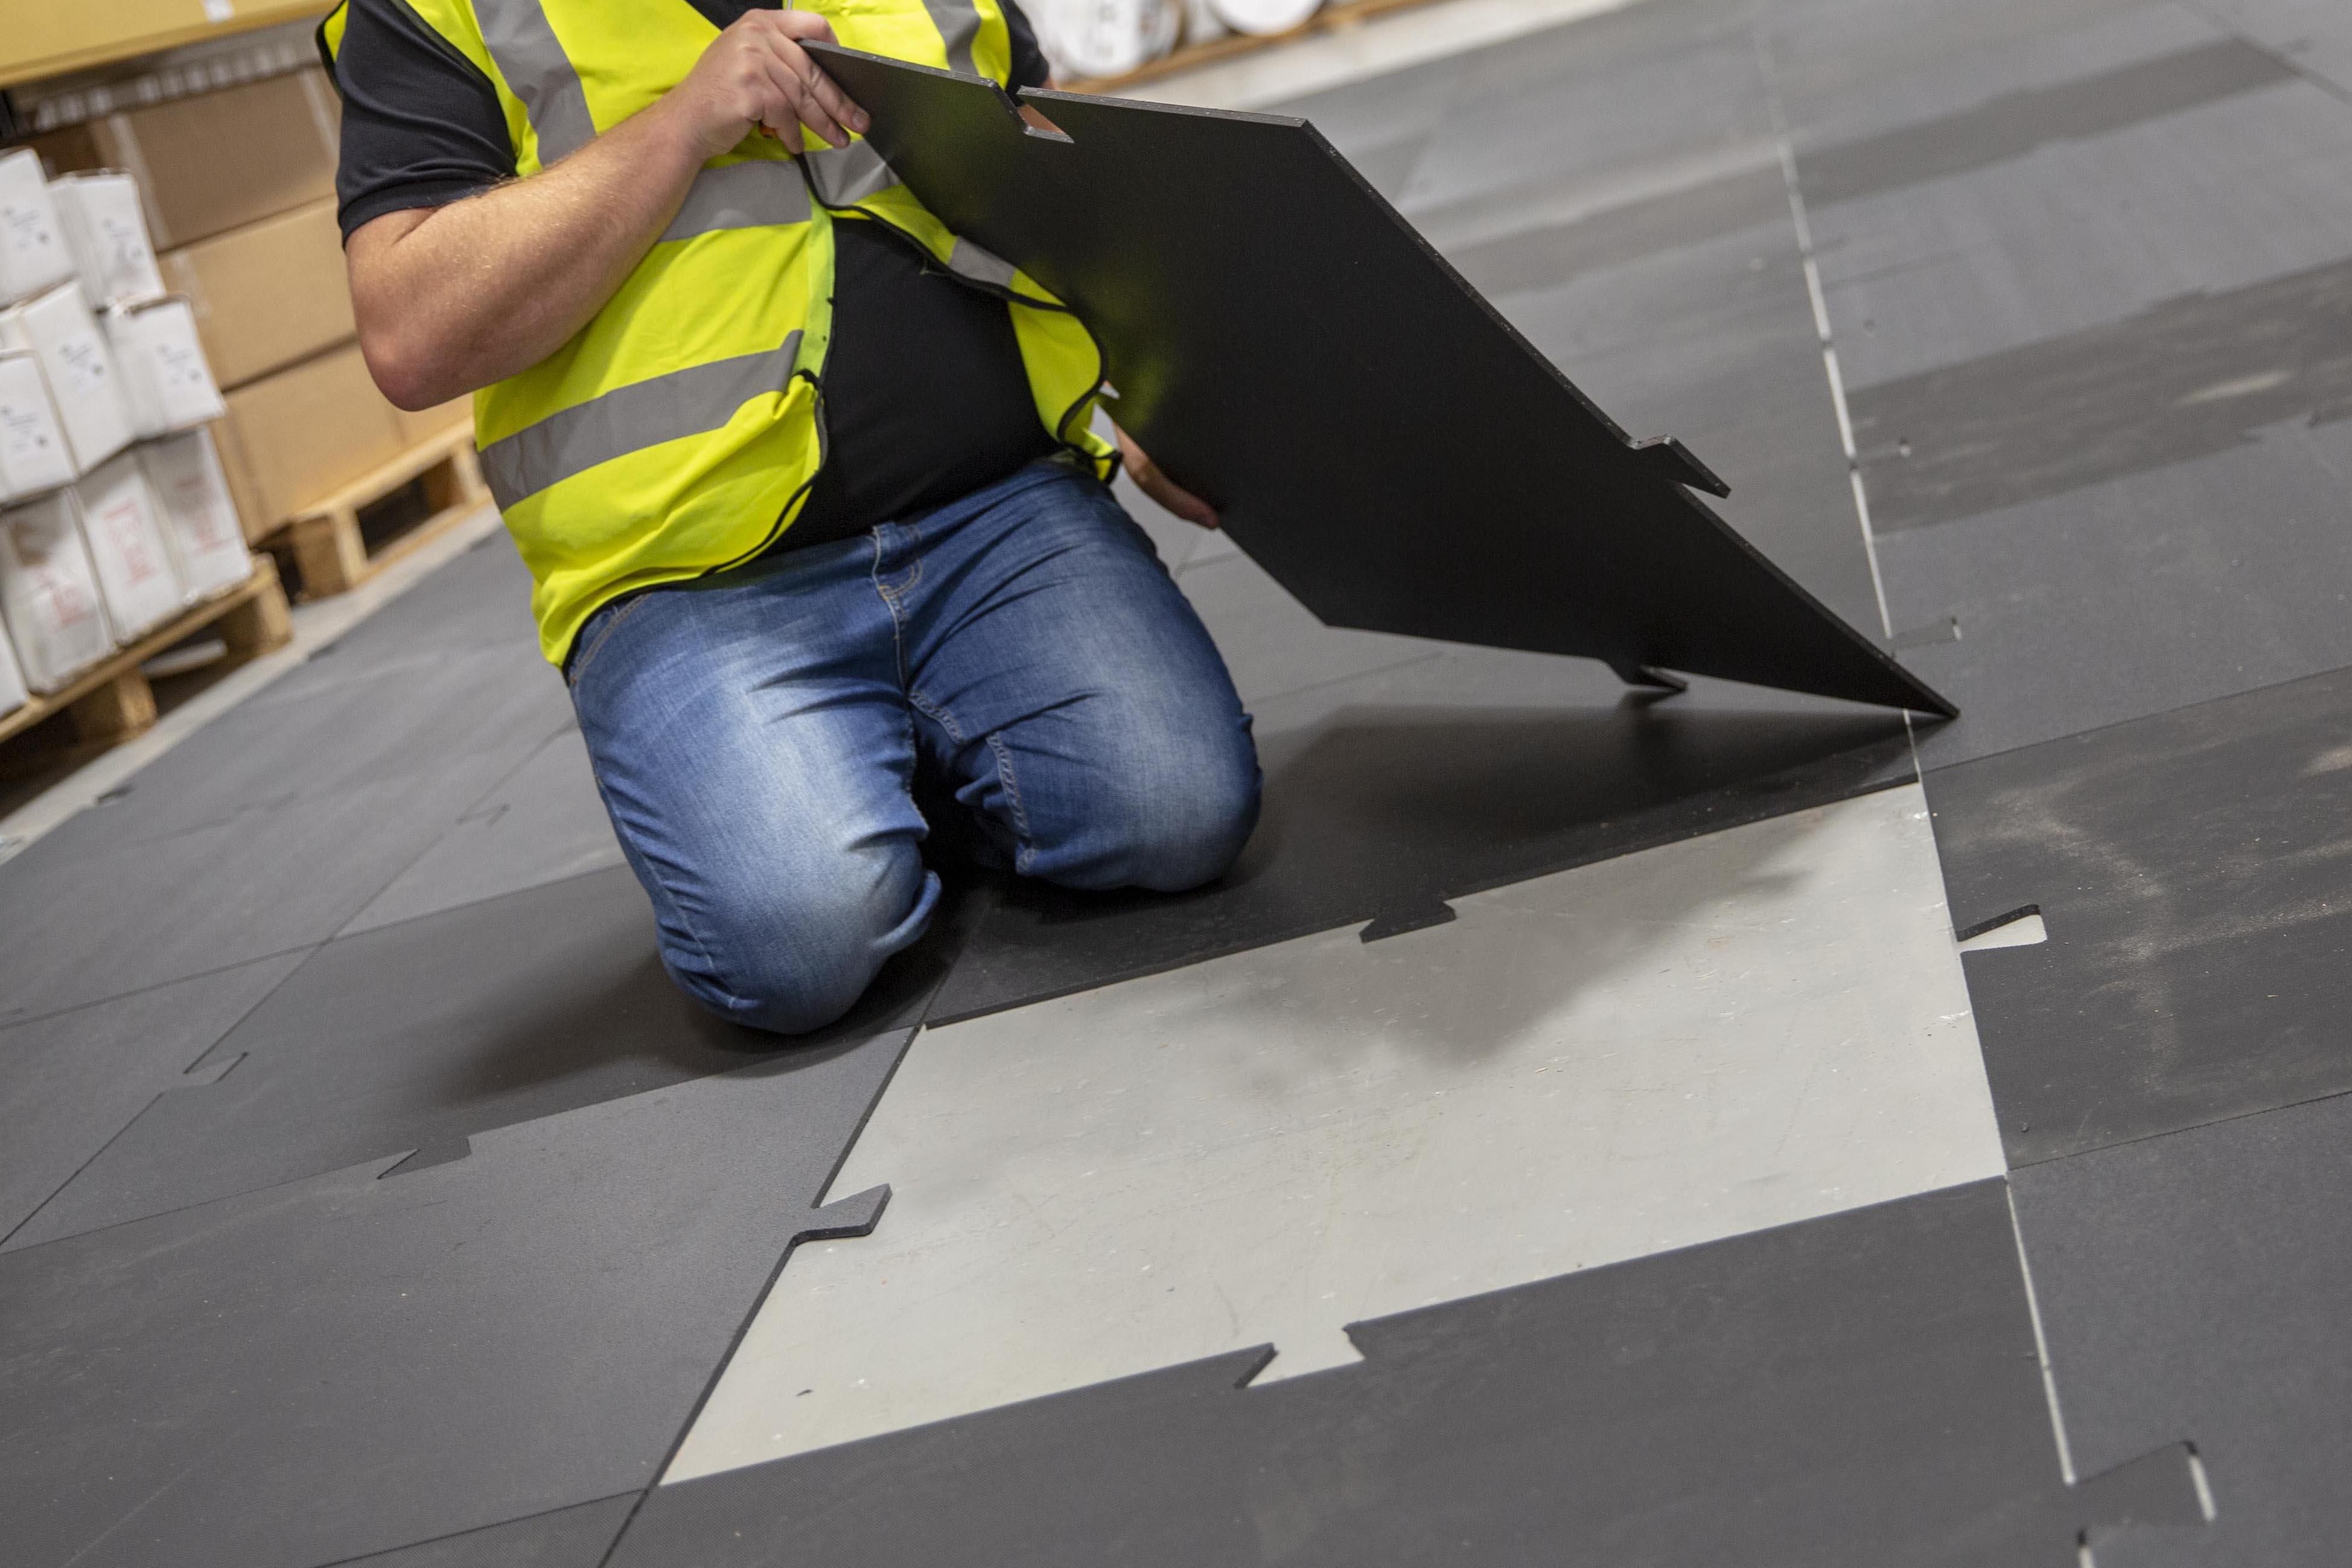 Stokbord floor shield installation